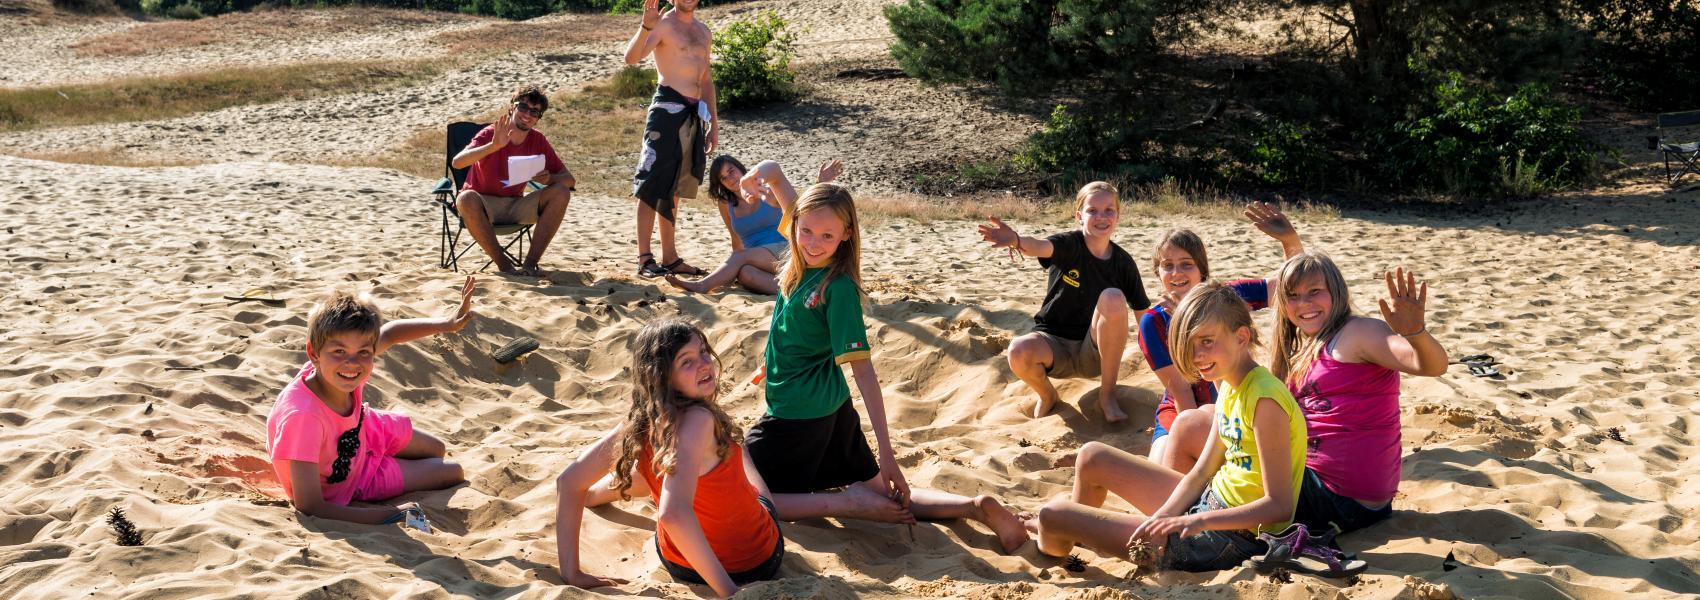 zomerkamp in de duinen